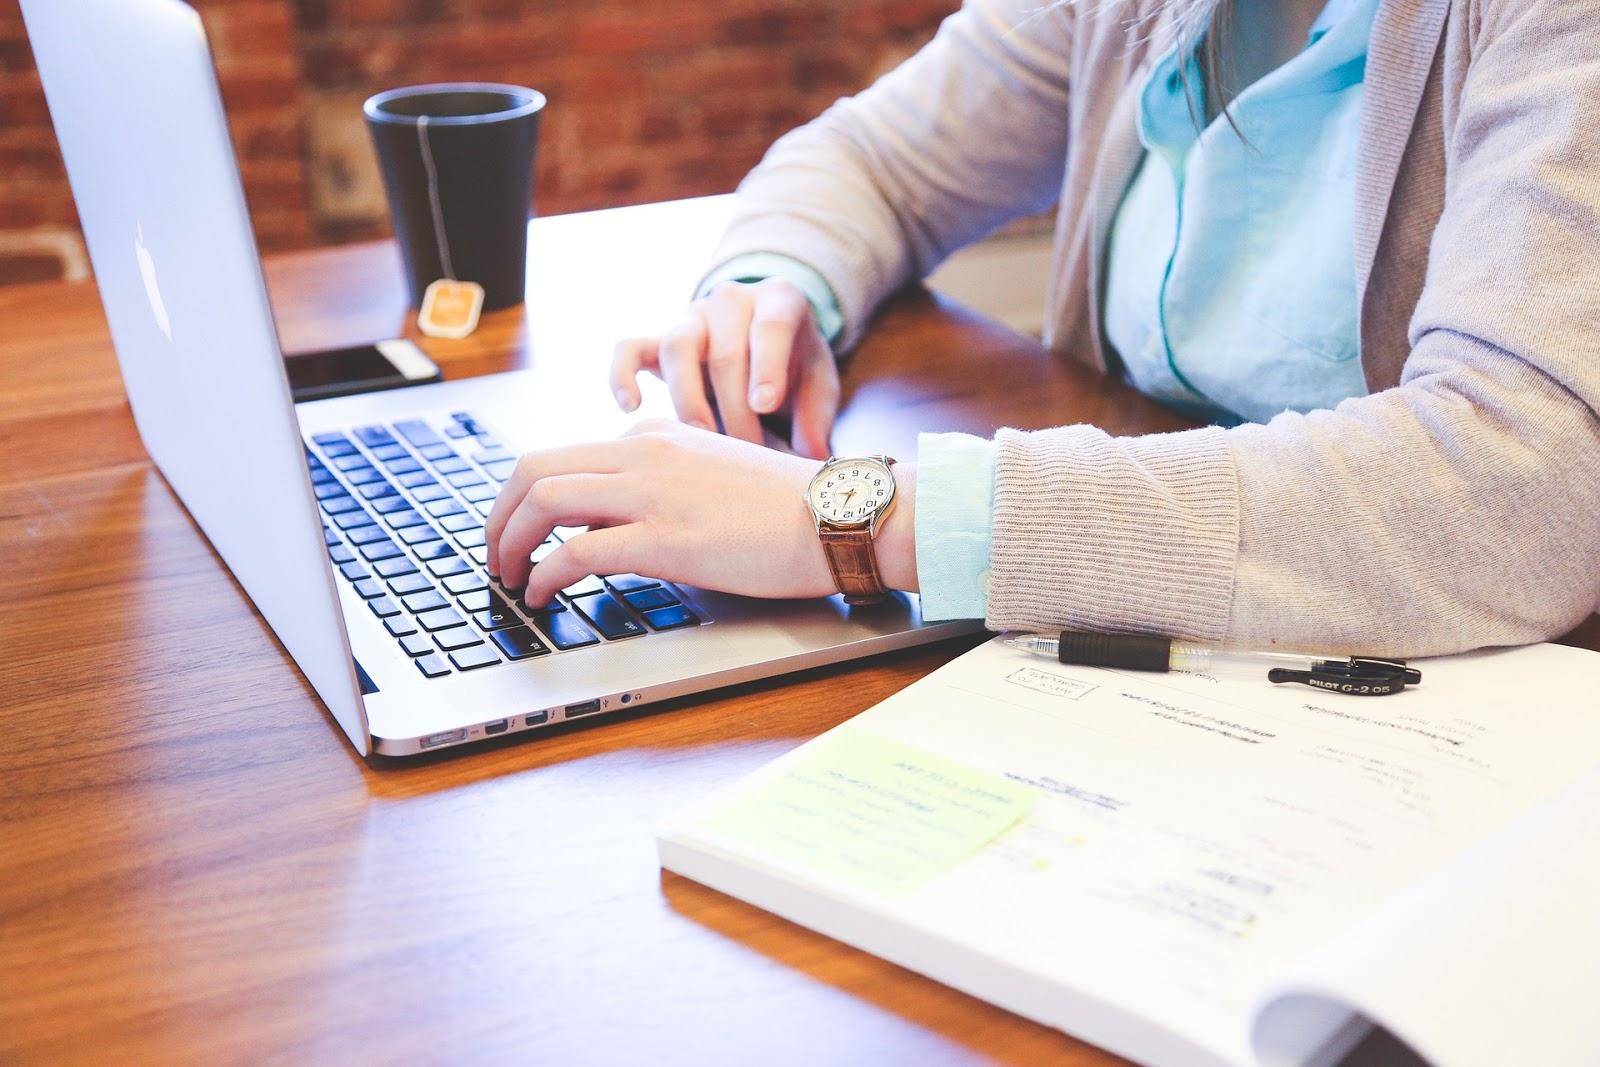 cum să faci bani stabili online